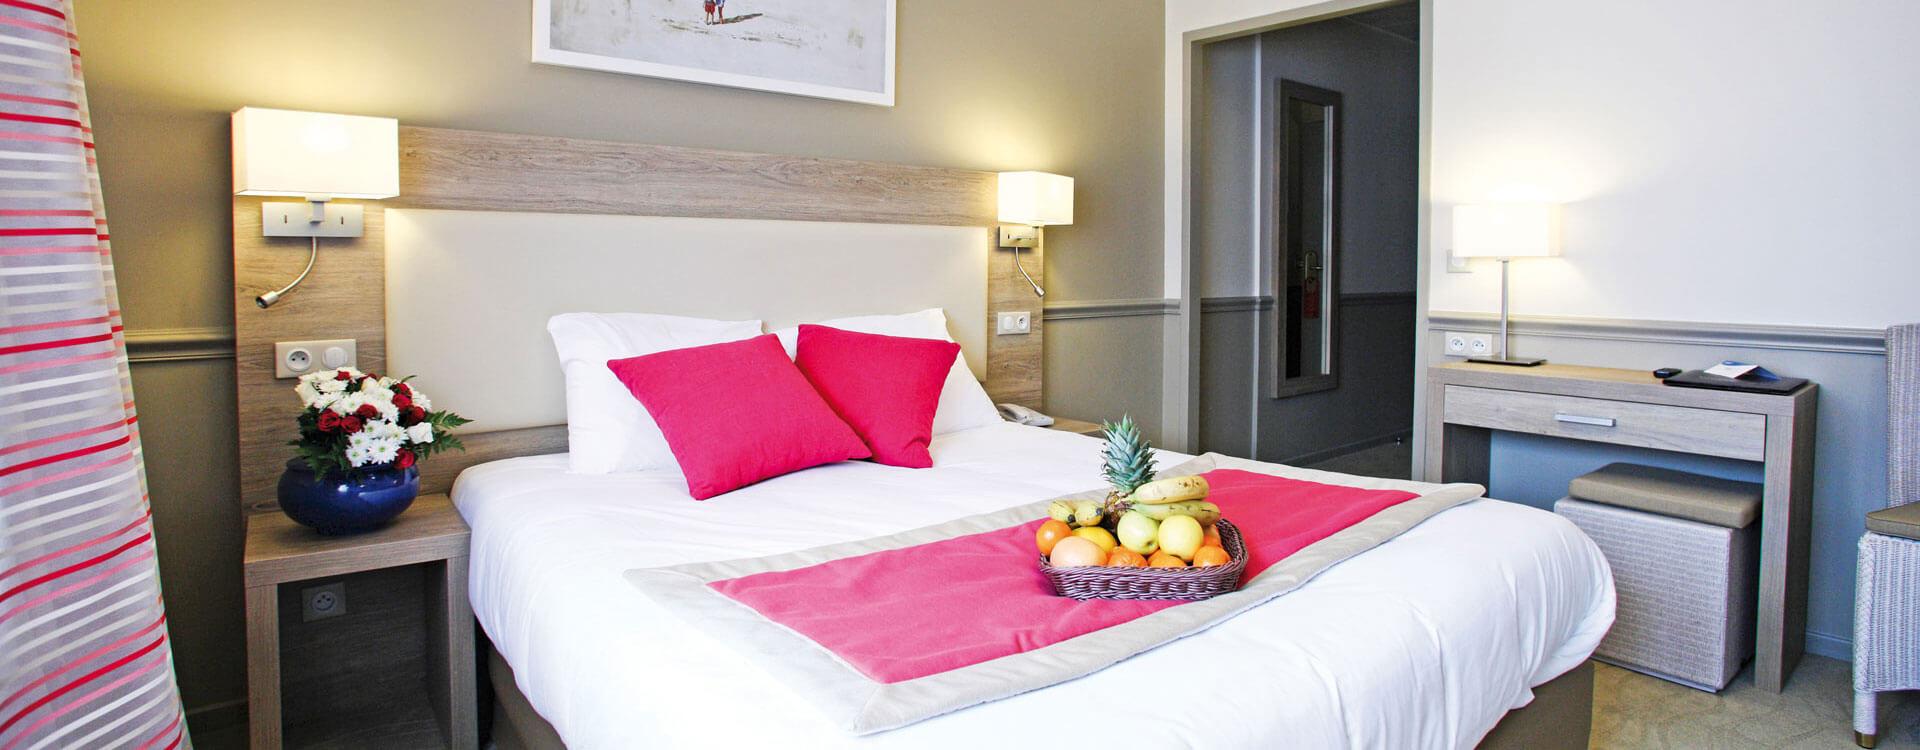 Chambre confort vue ville - Hôtel*** Royal Westminster à Menton